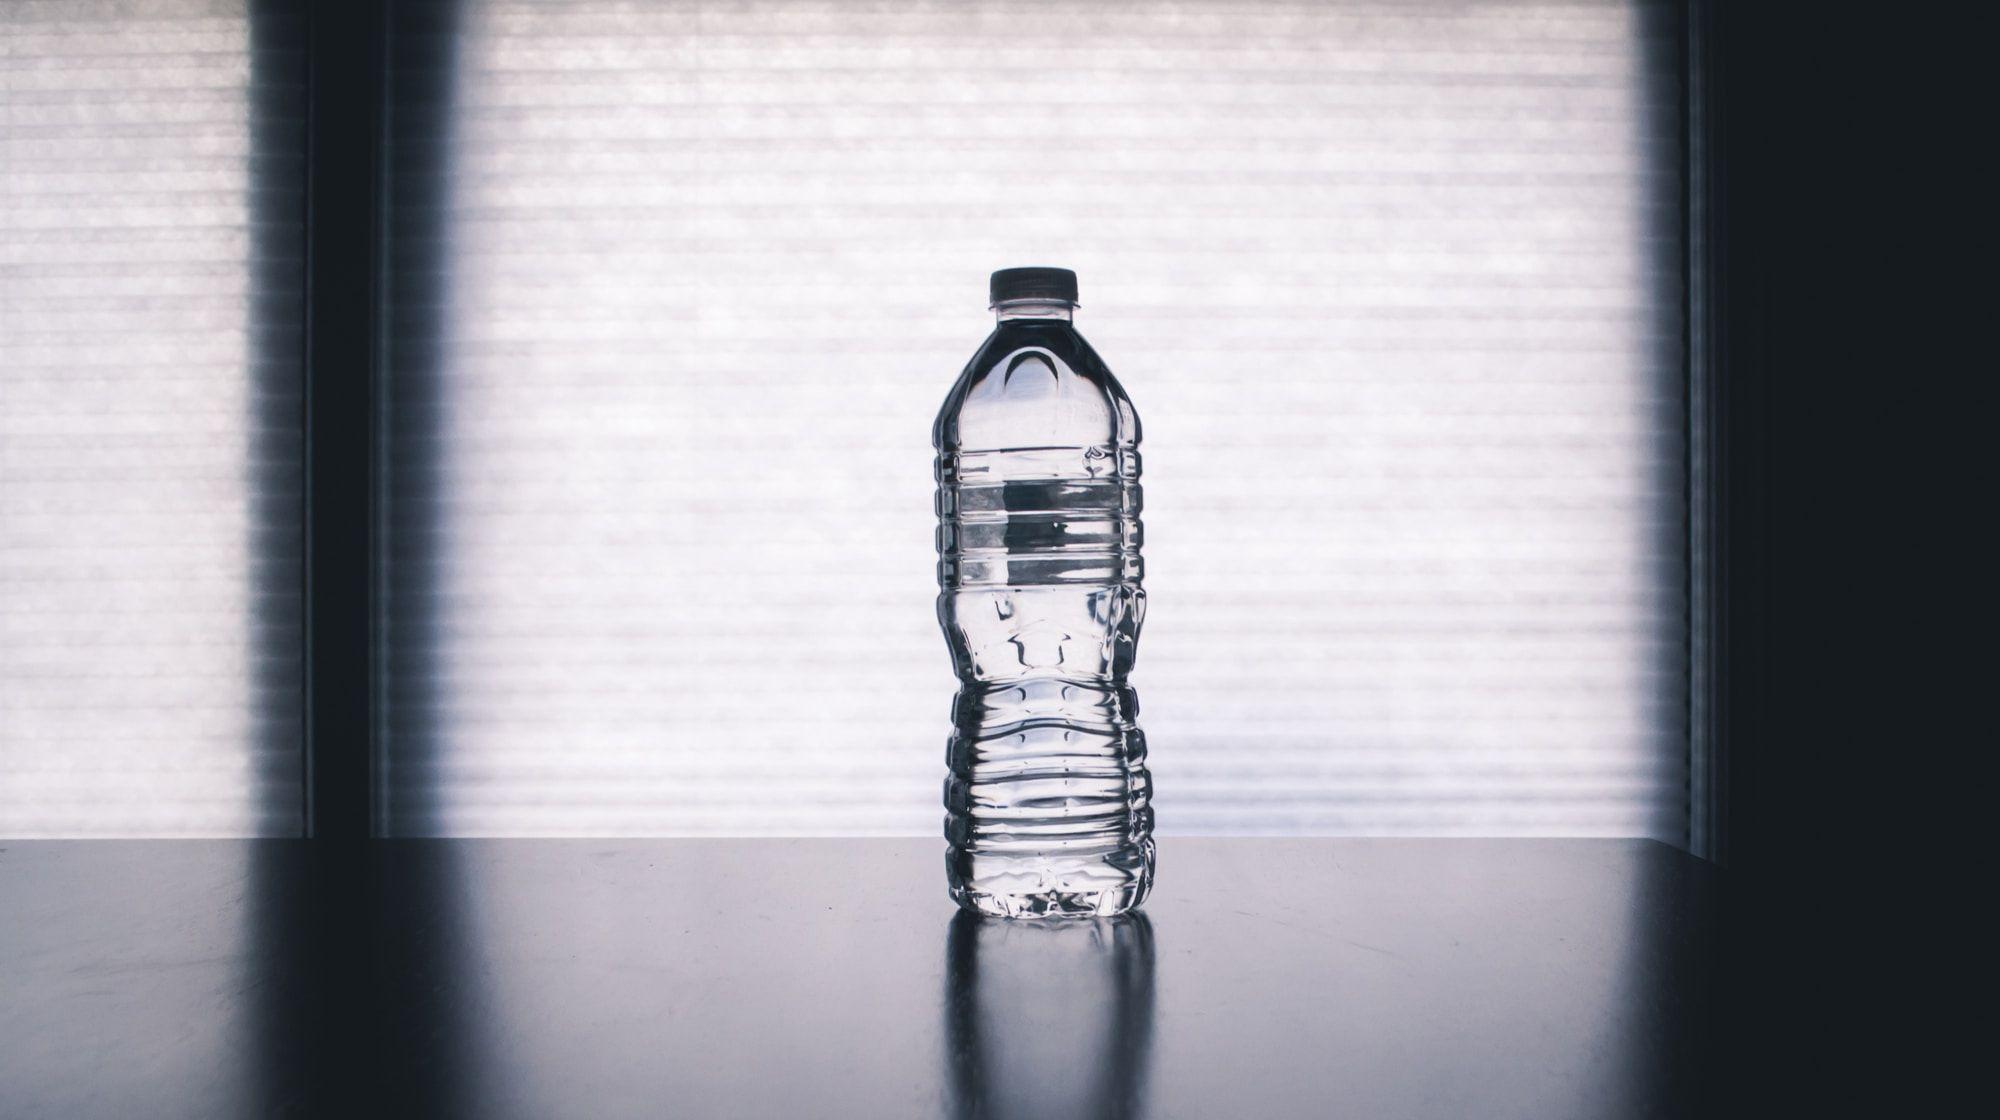 A plastic water bottle